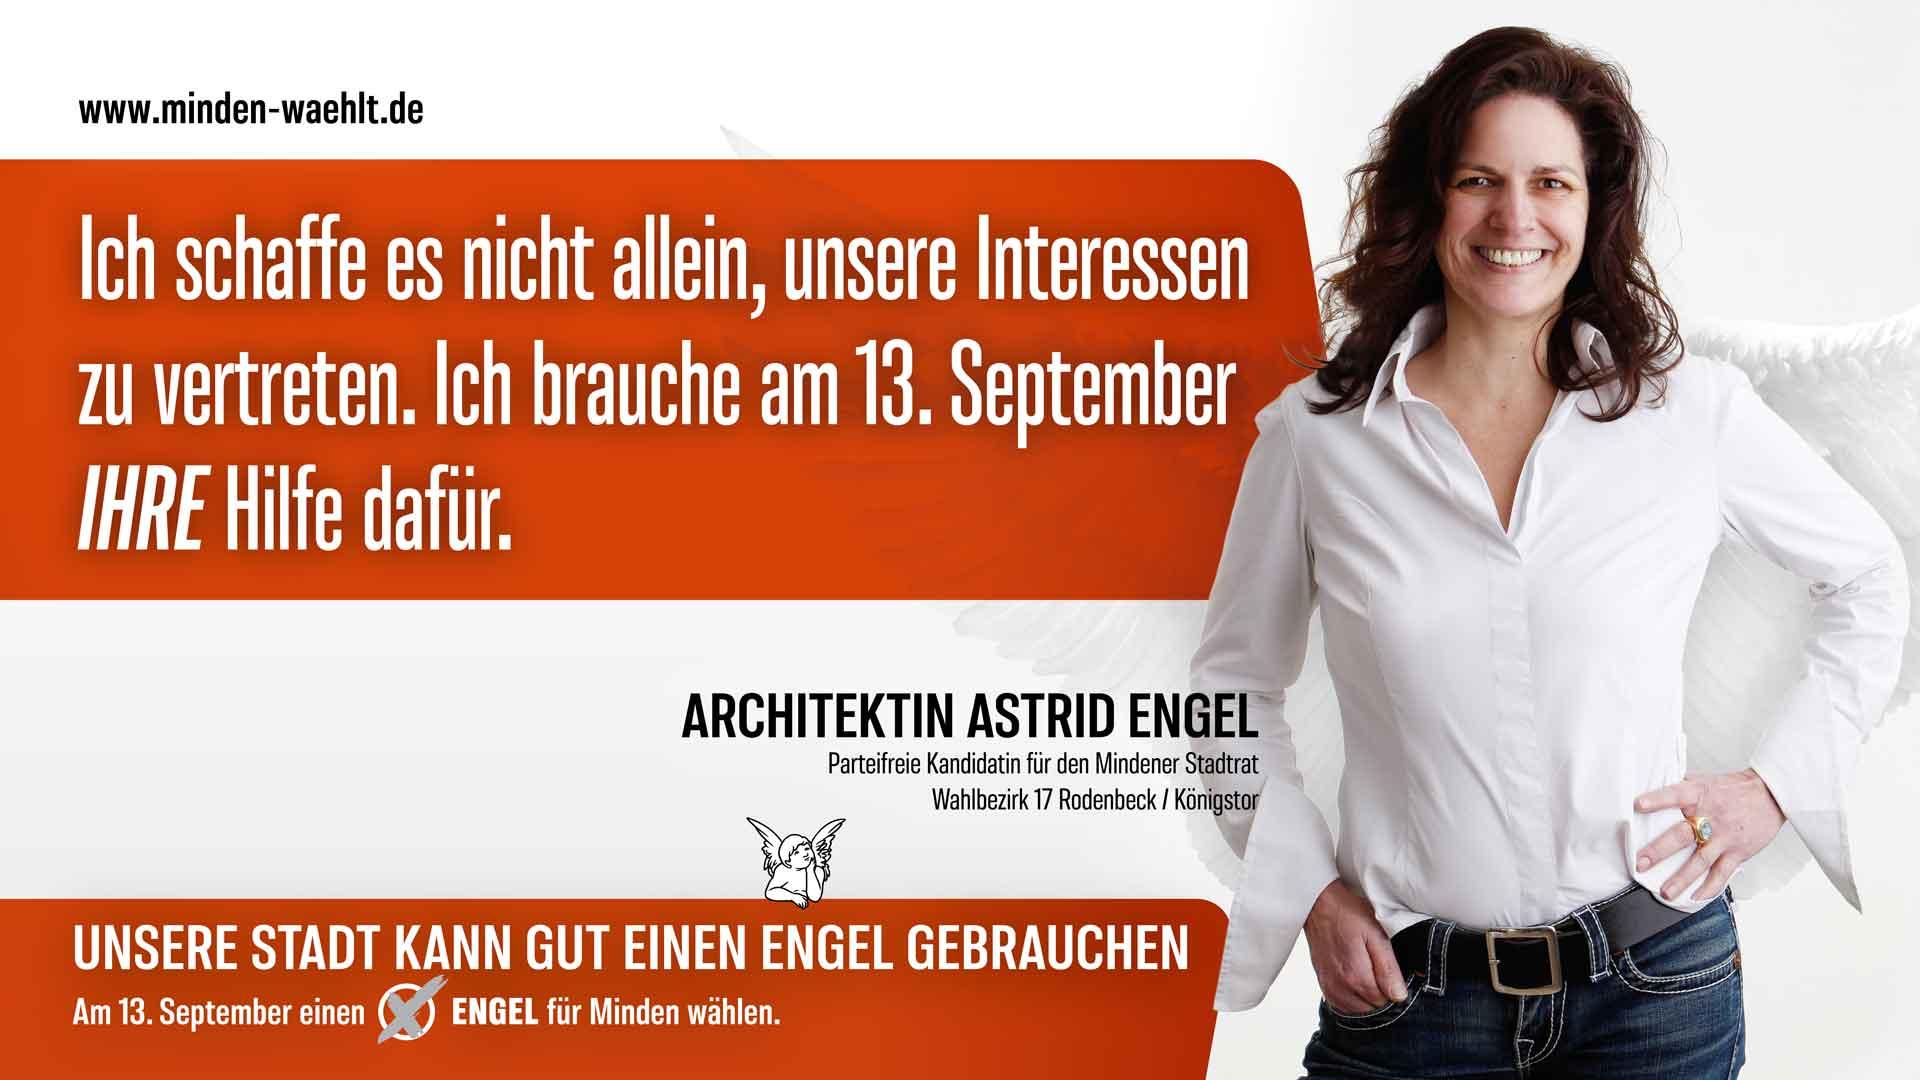 Wähler müssen mithelfen - mit ihrer Stimme für Astrid Engel